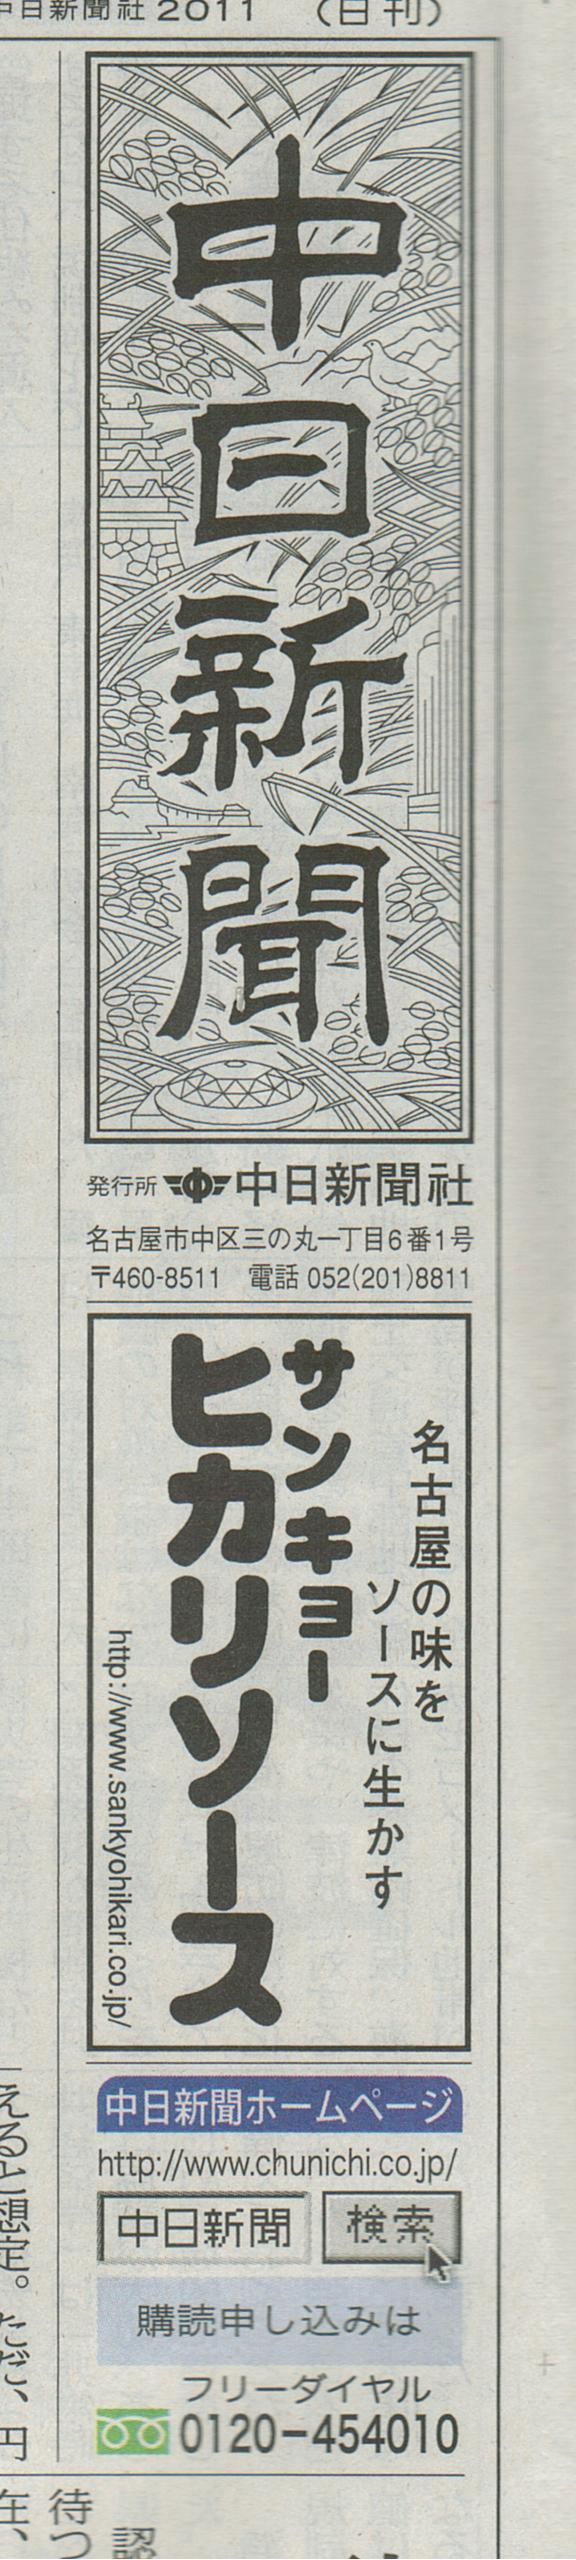 titre-journal-japon